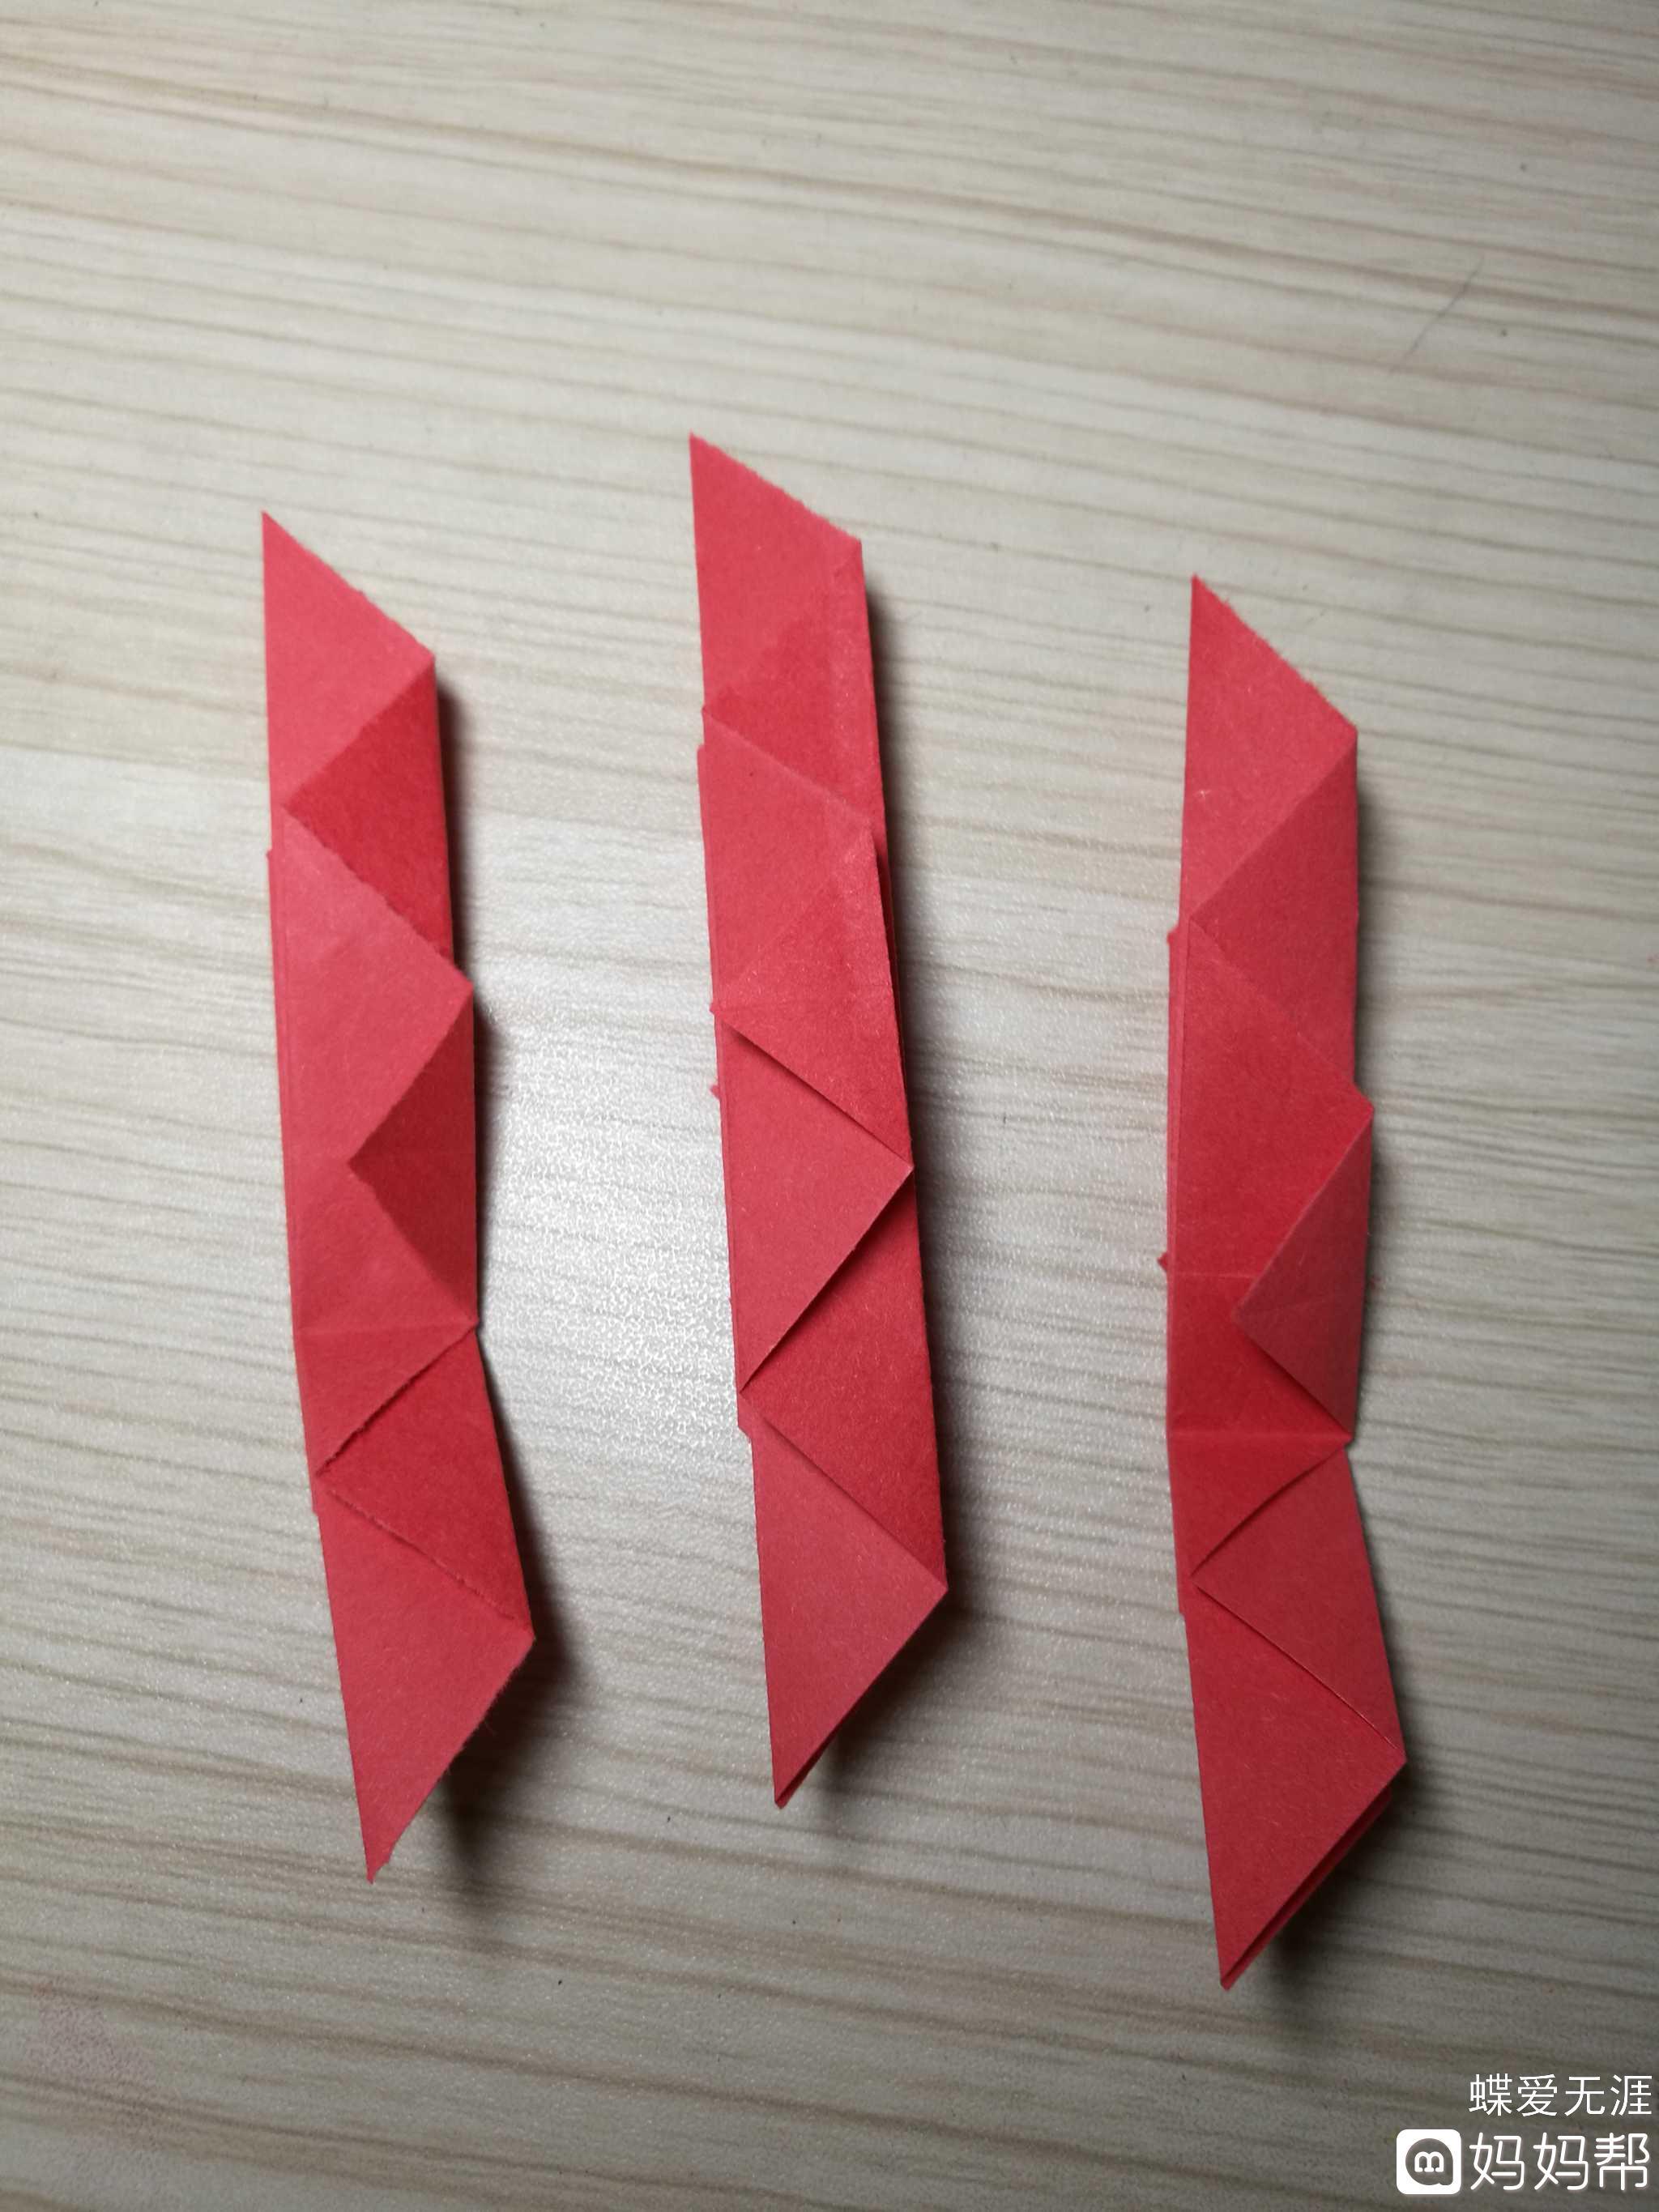 手工日记#折纸枫叶 制作步骤: 1,首